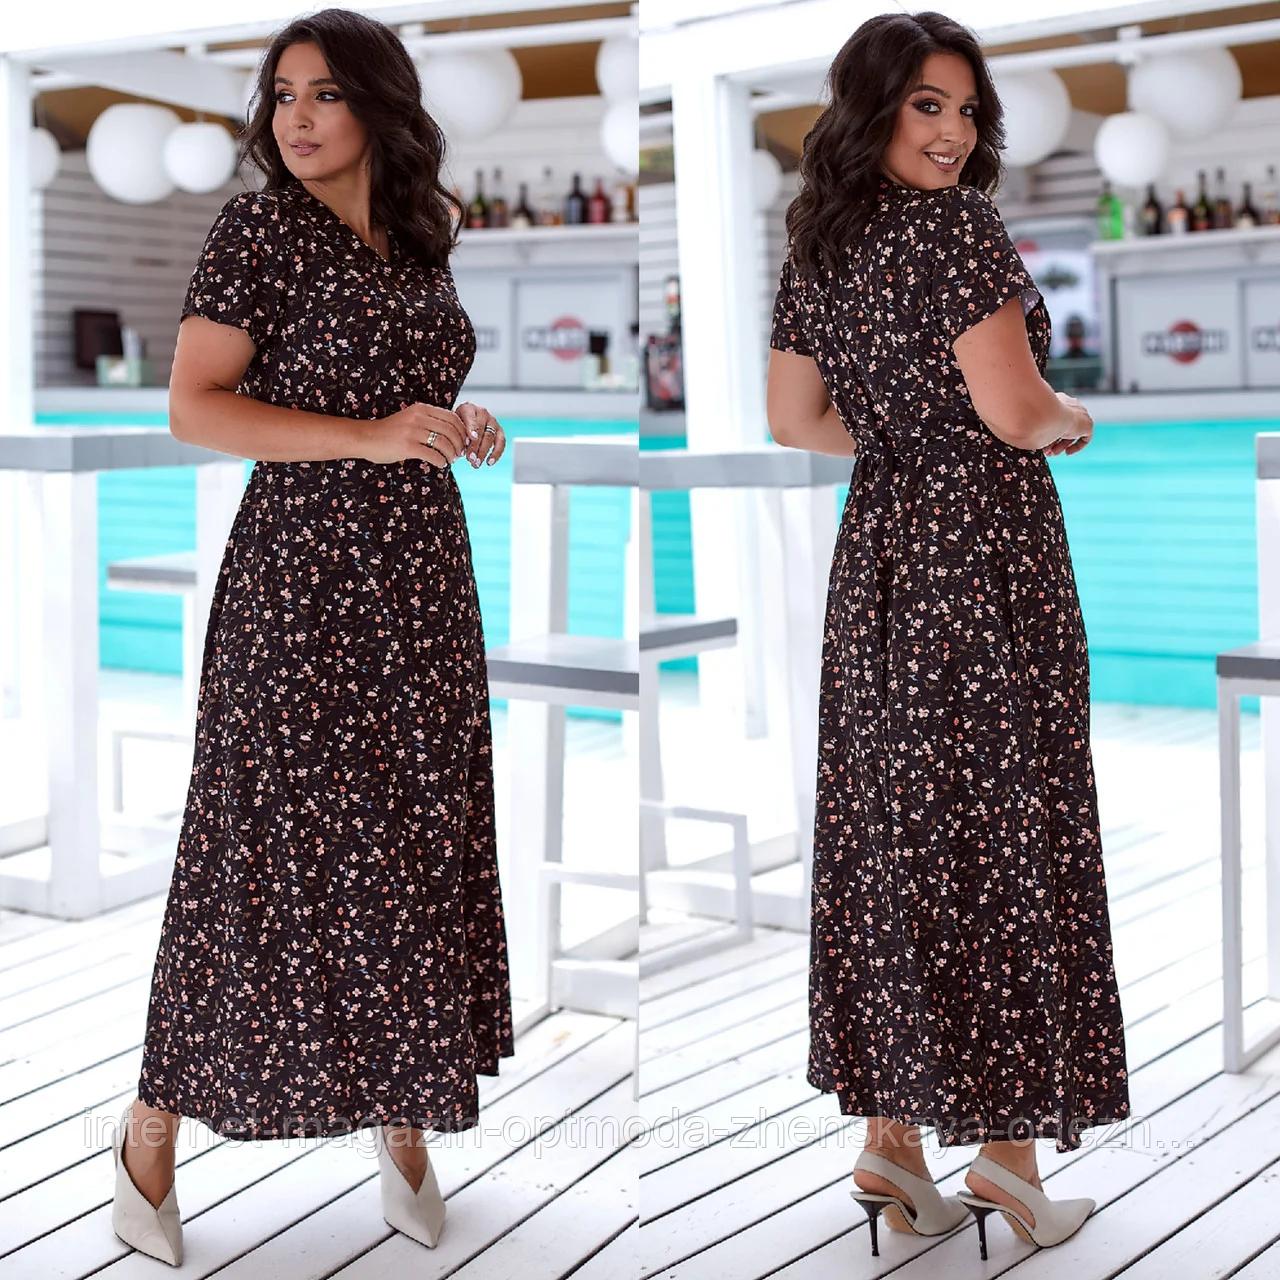 Элегантное летнее женское длинное платье на запах  больших размеров, красивая батальная одежда на лето